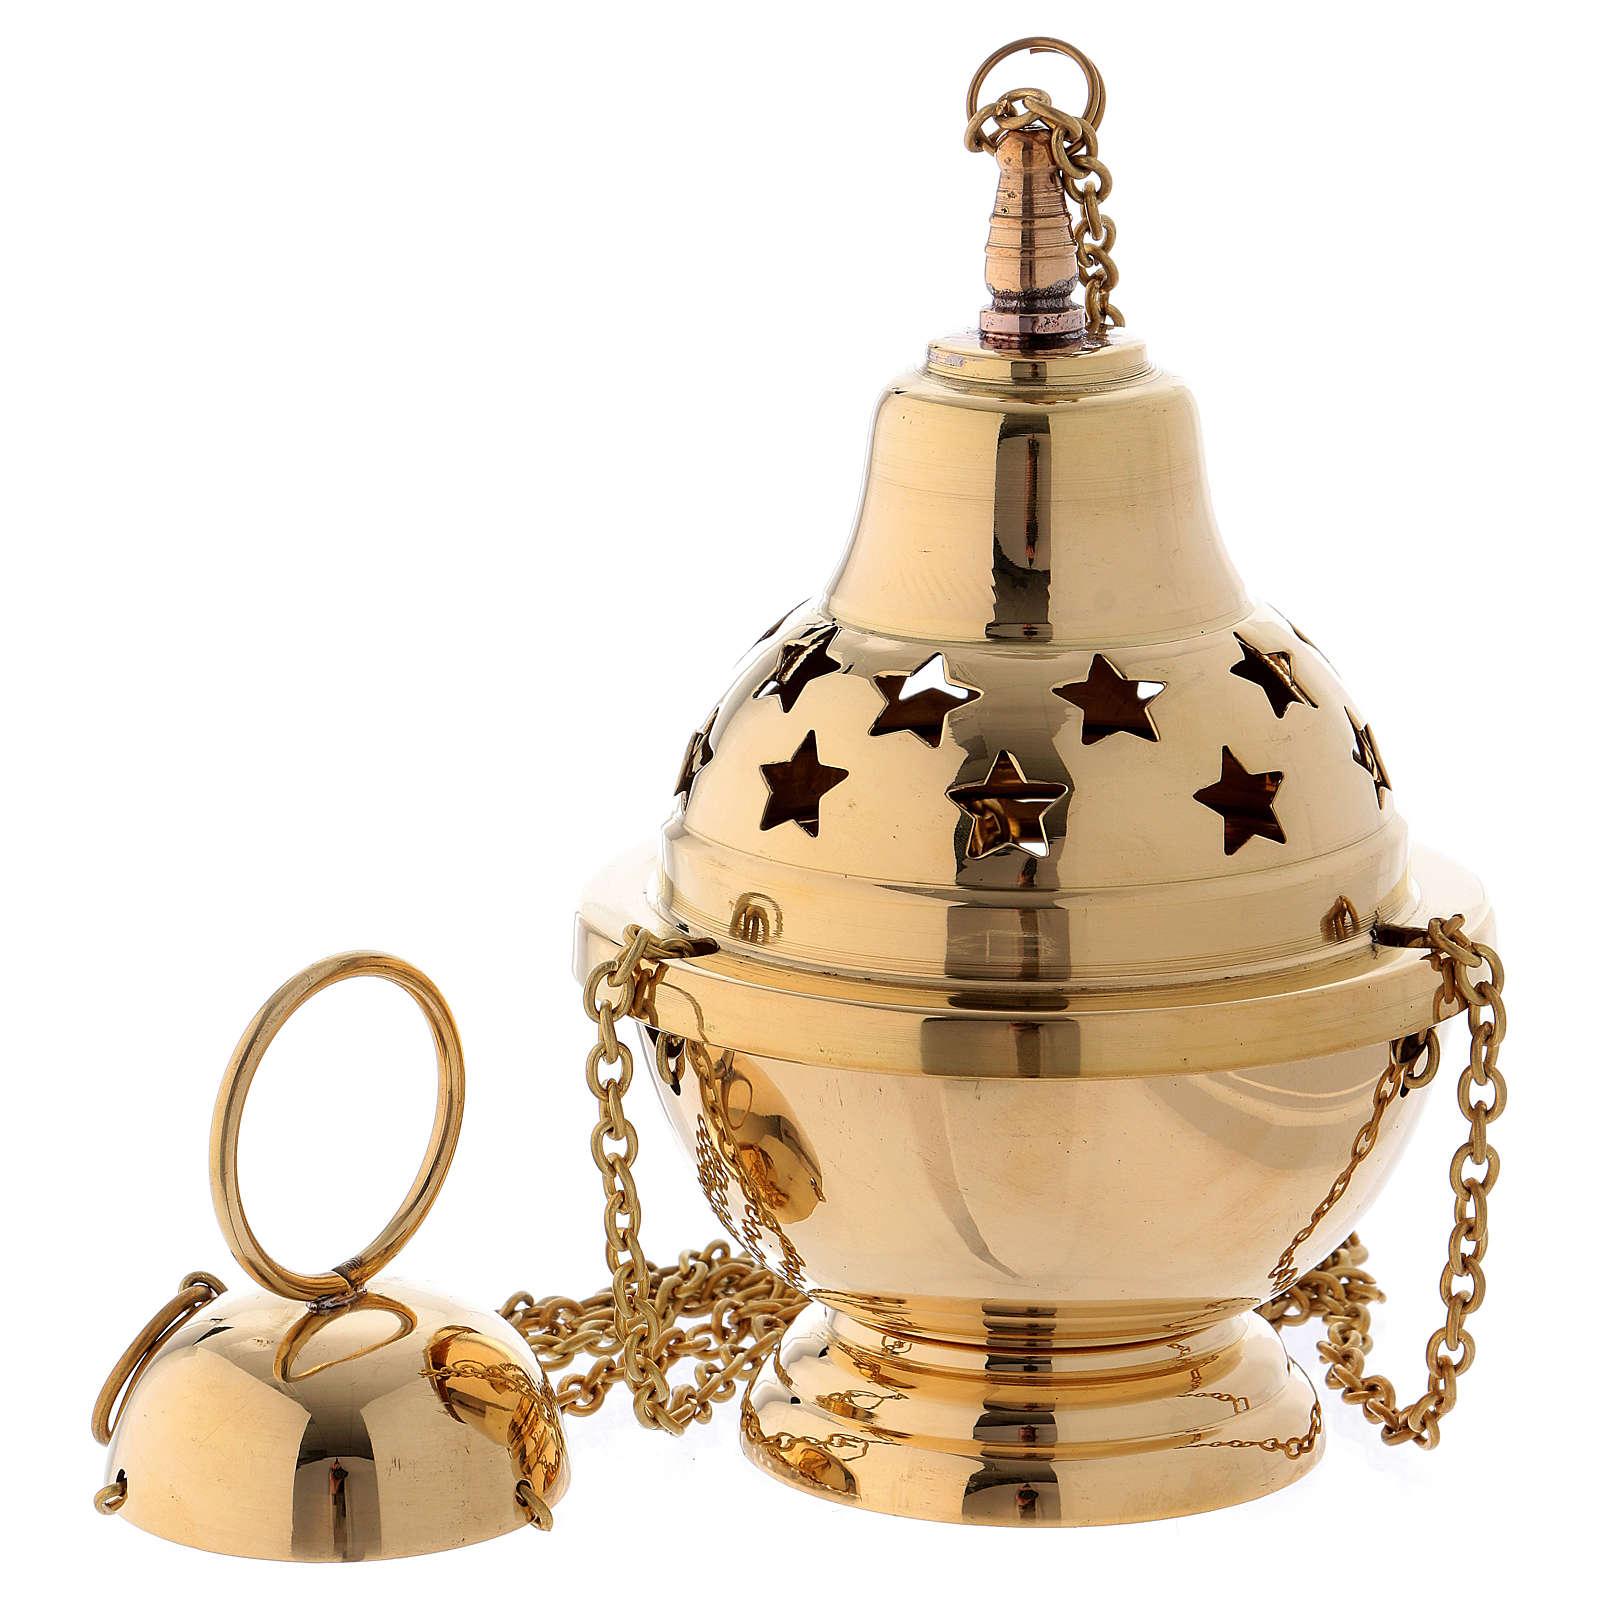 Turibolo stella ottone dorato 16 cm  3